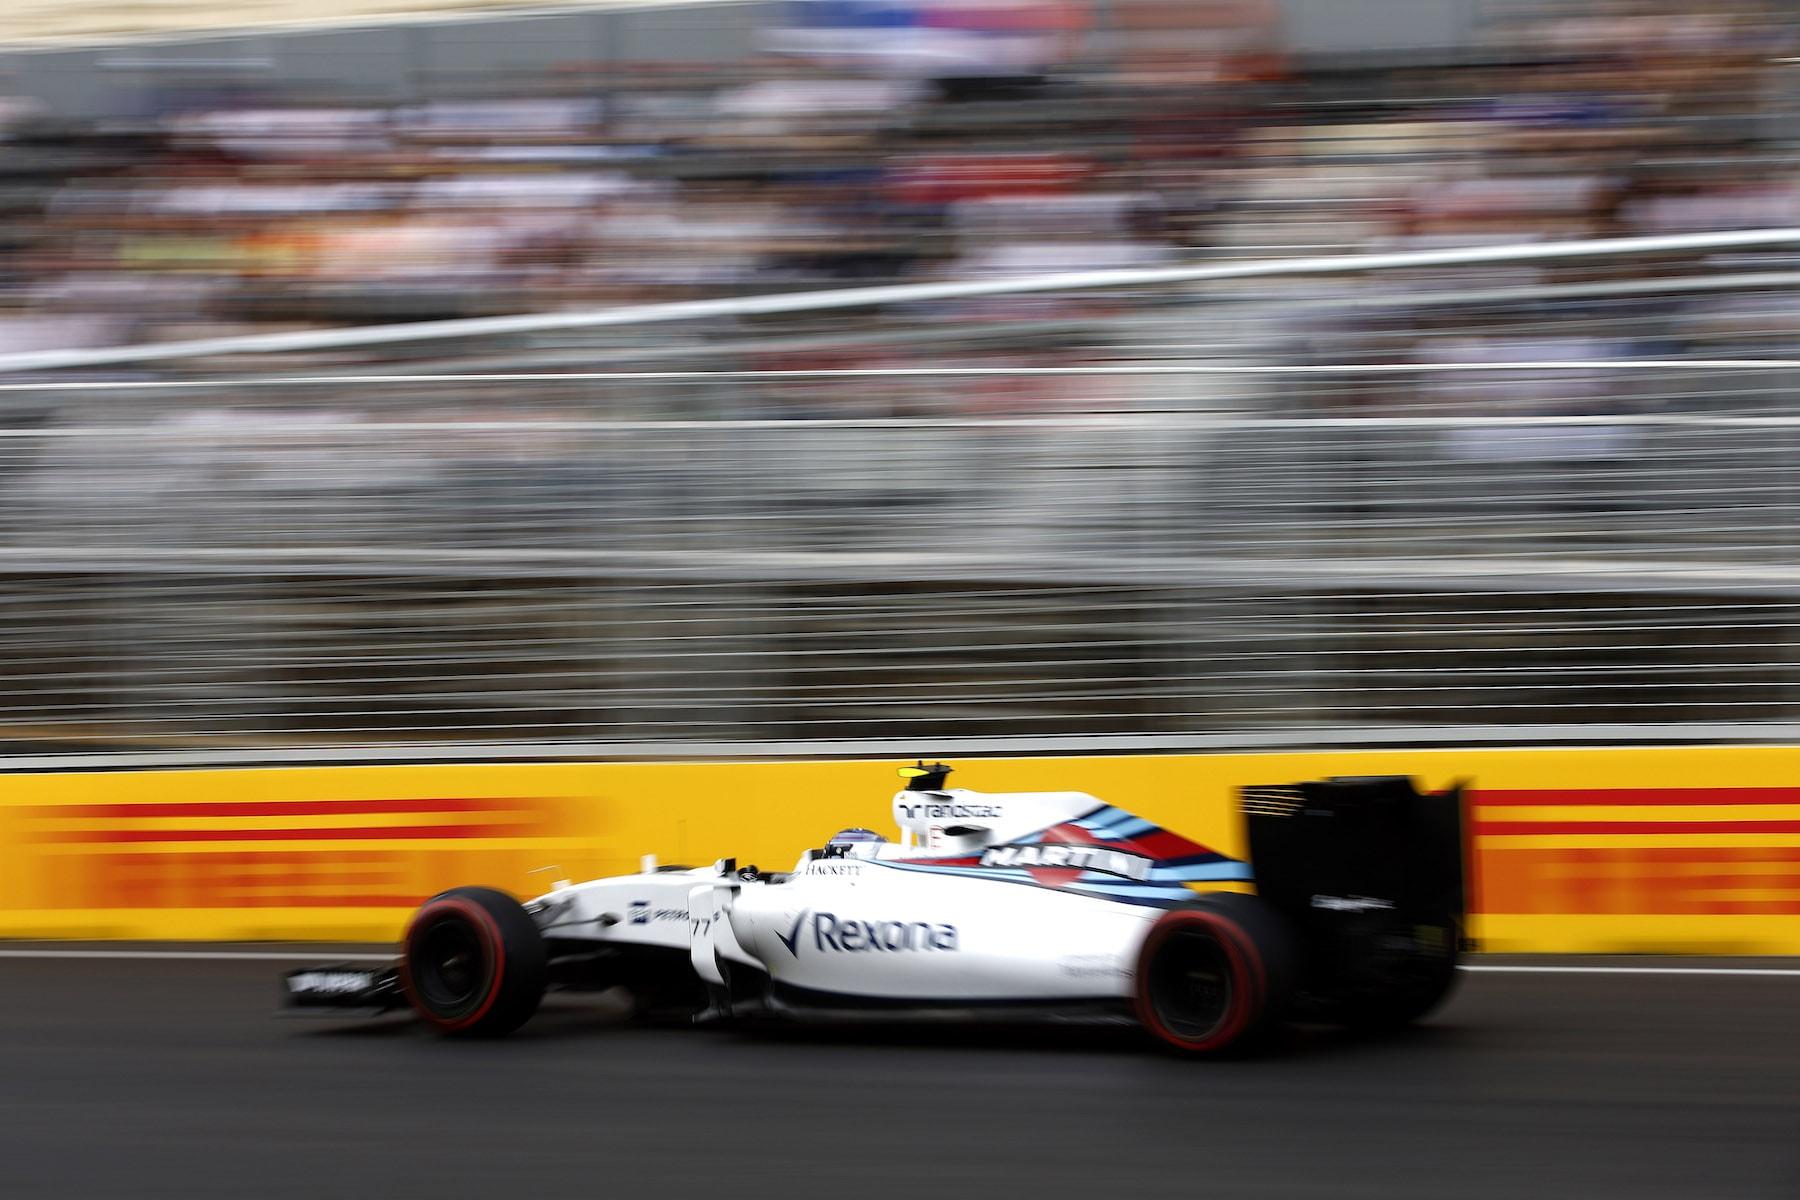 Salracing | Valtteri Bottas | Williams F1 Team